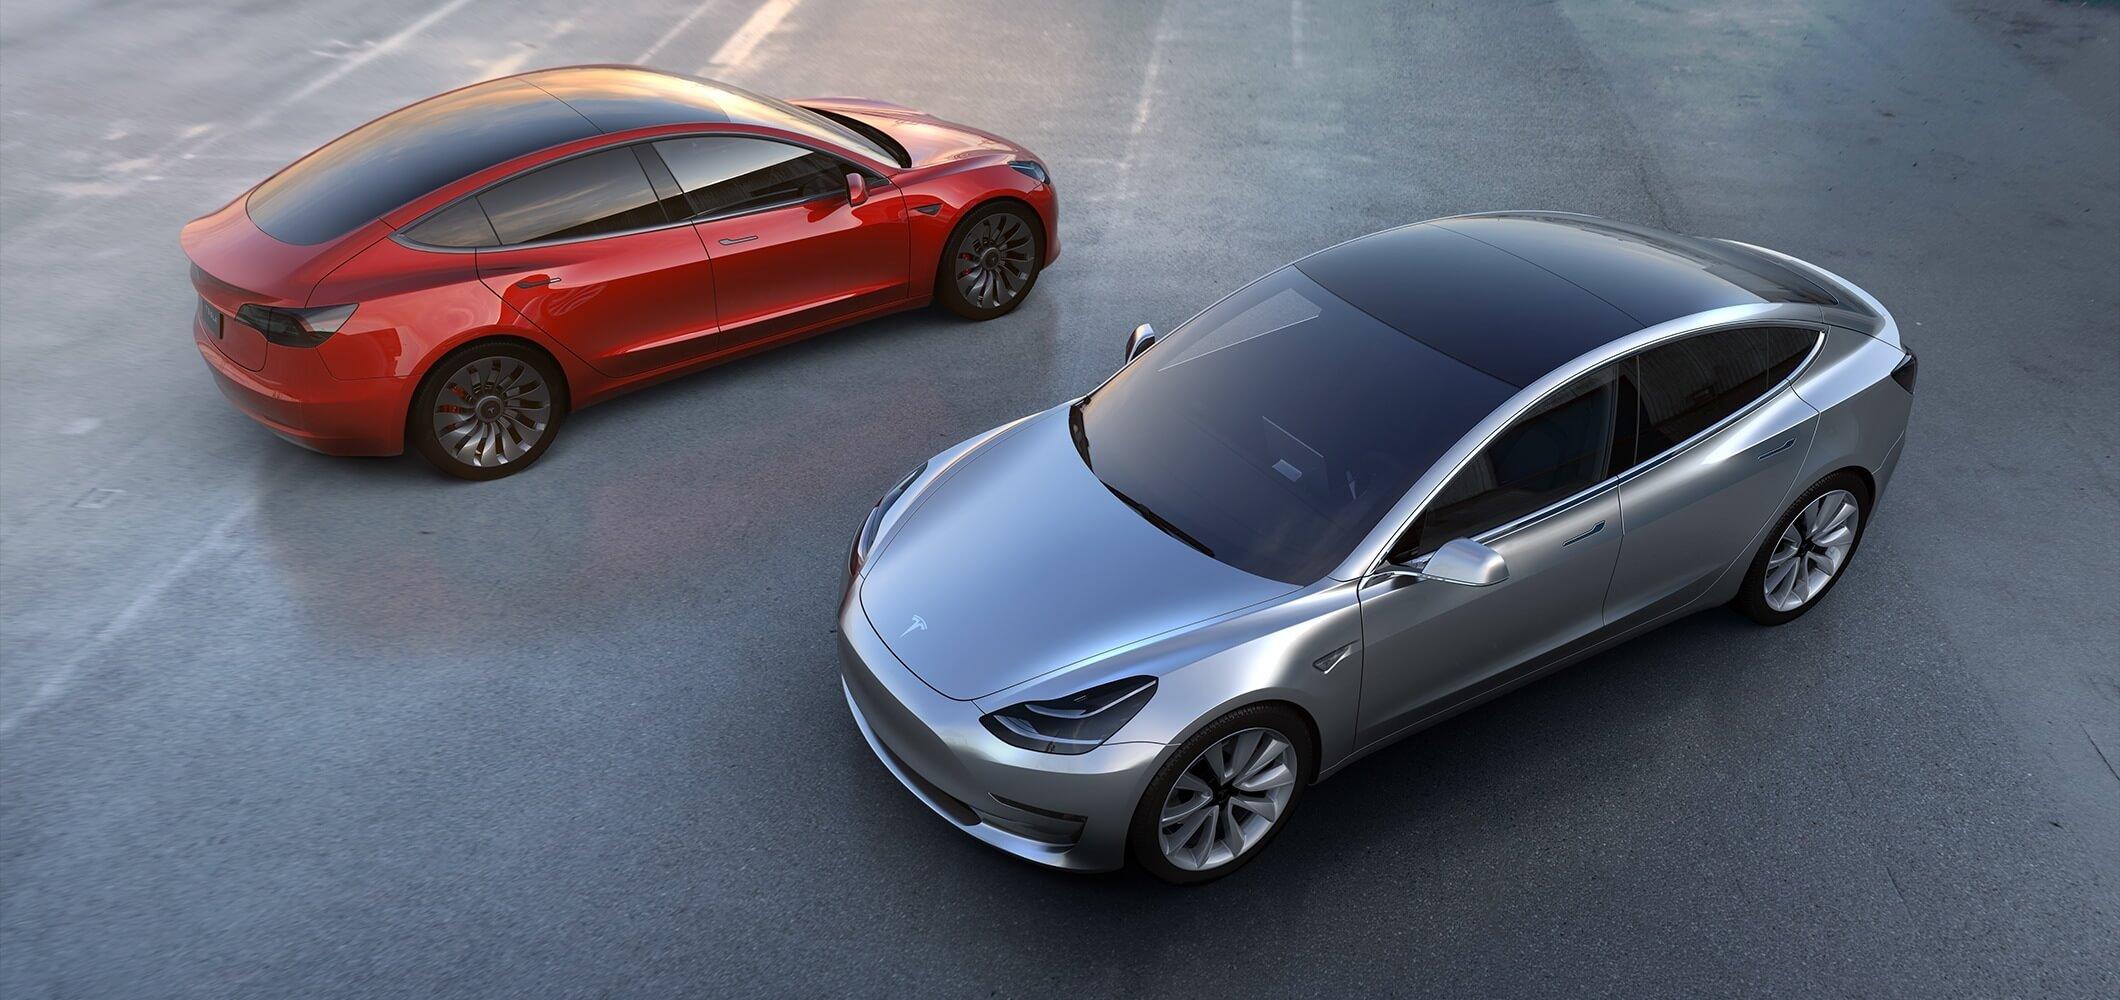 Tesla a reçu 325 000 réservations de Model 3 en une semaine